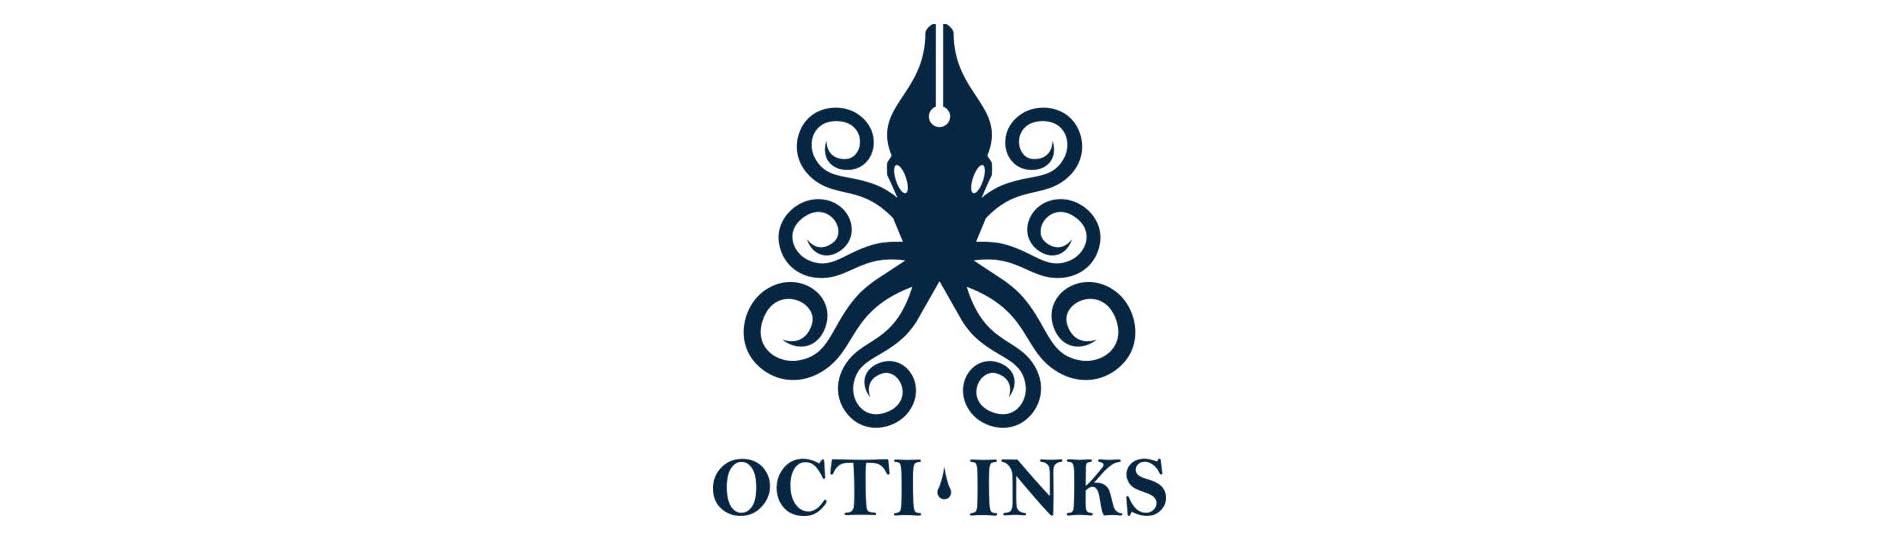 octi inks websitelogo 3.jpg